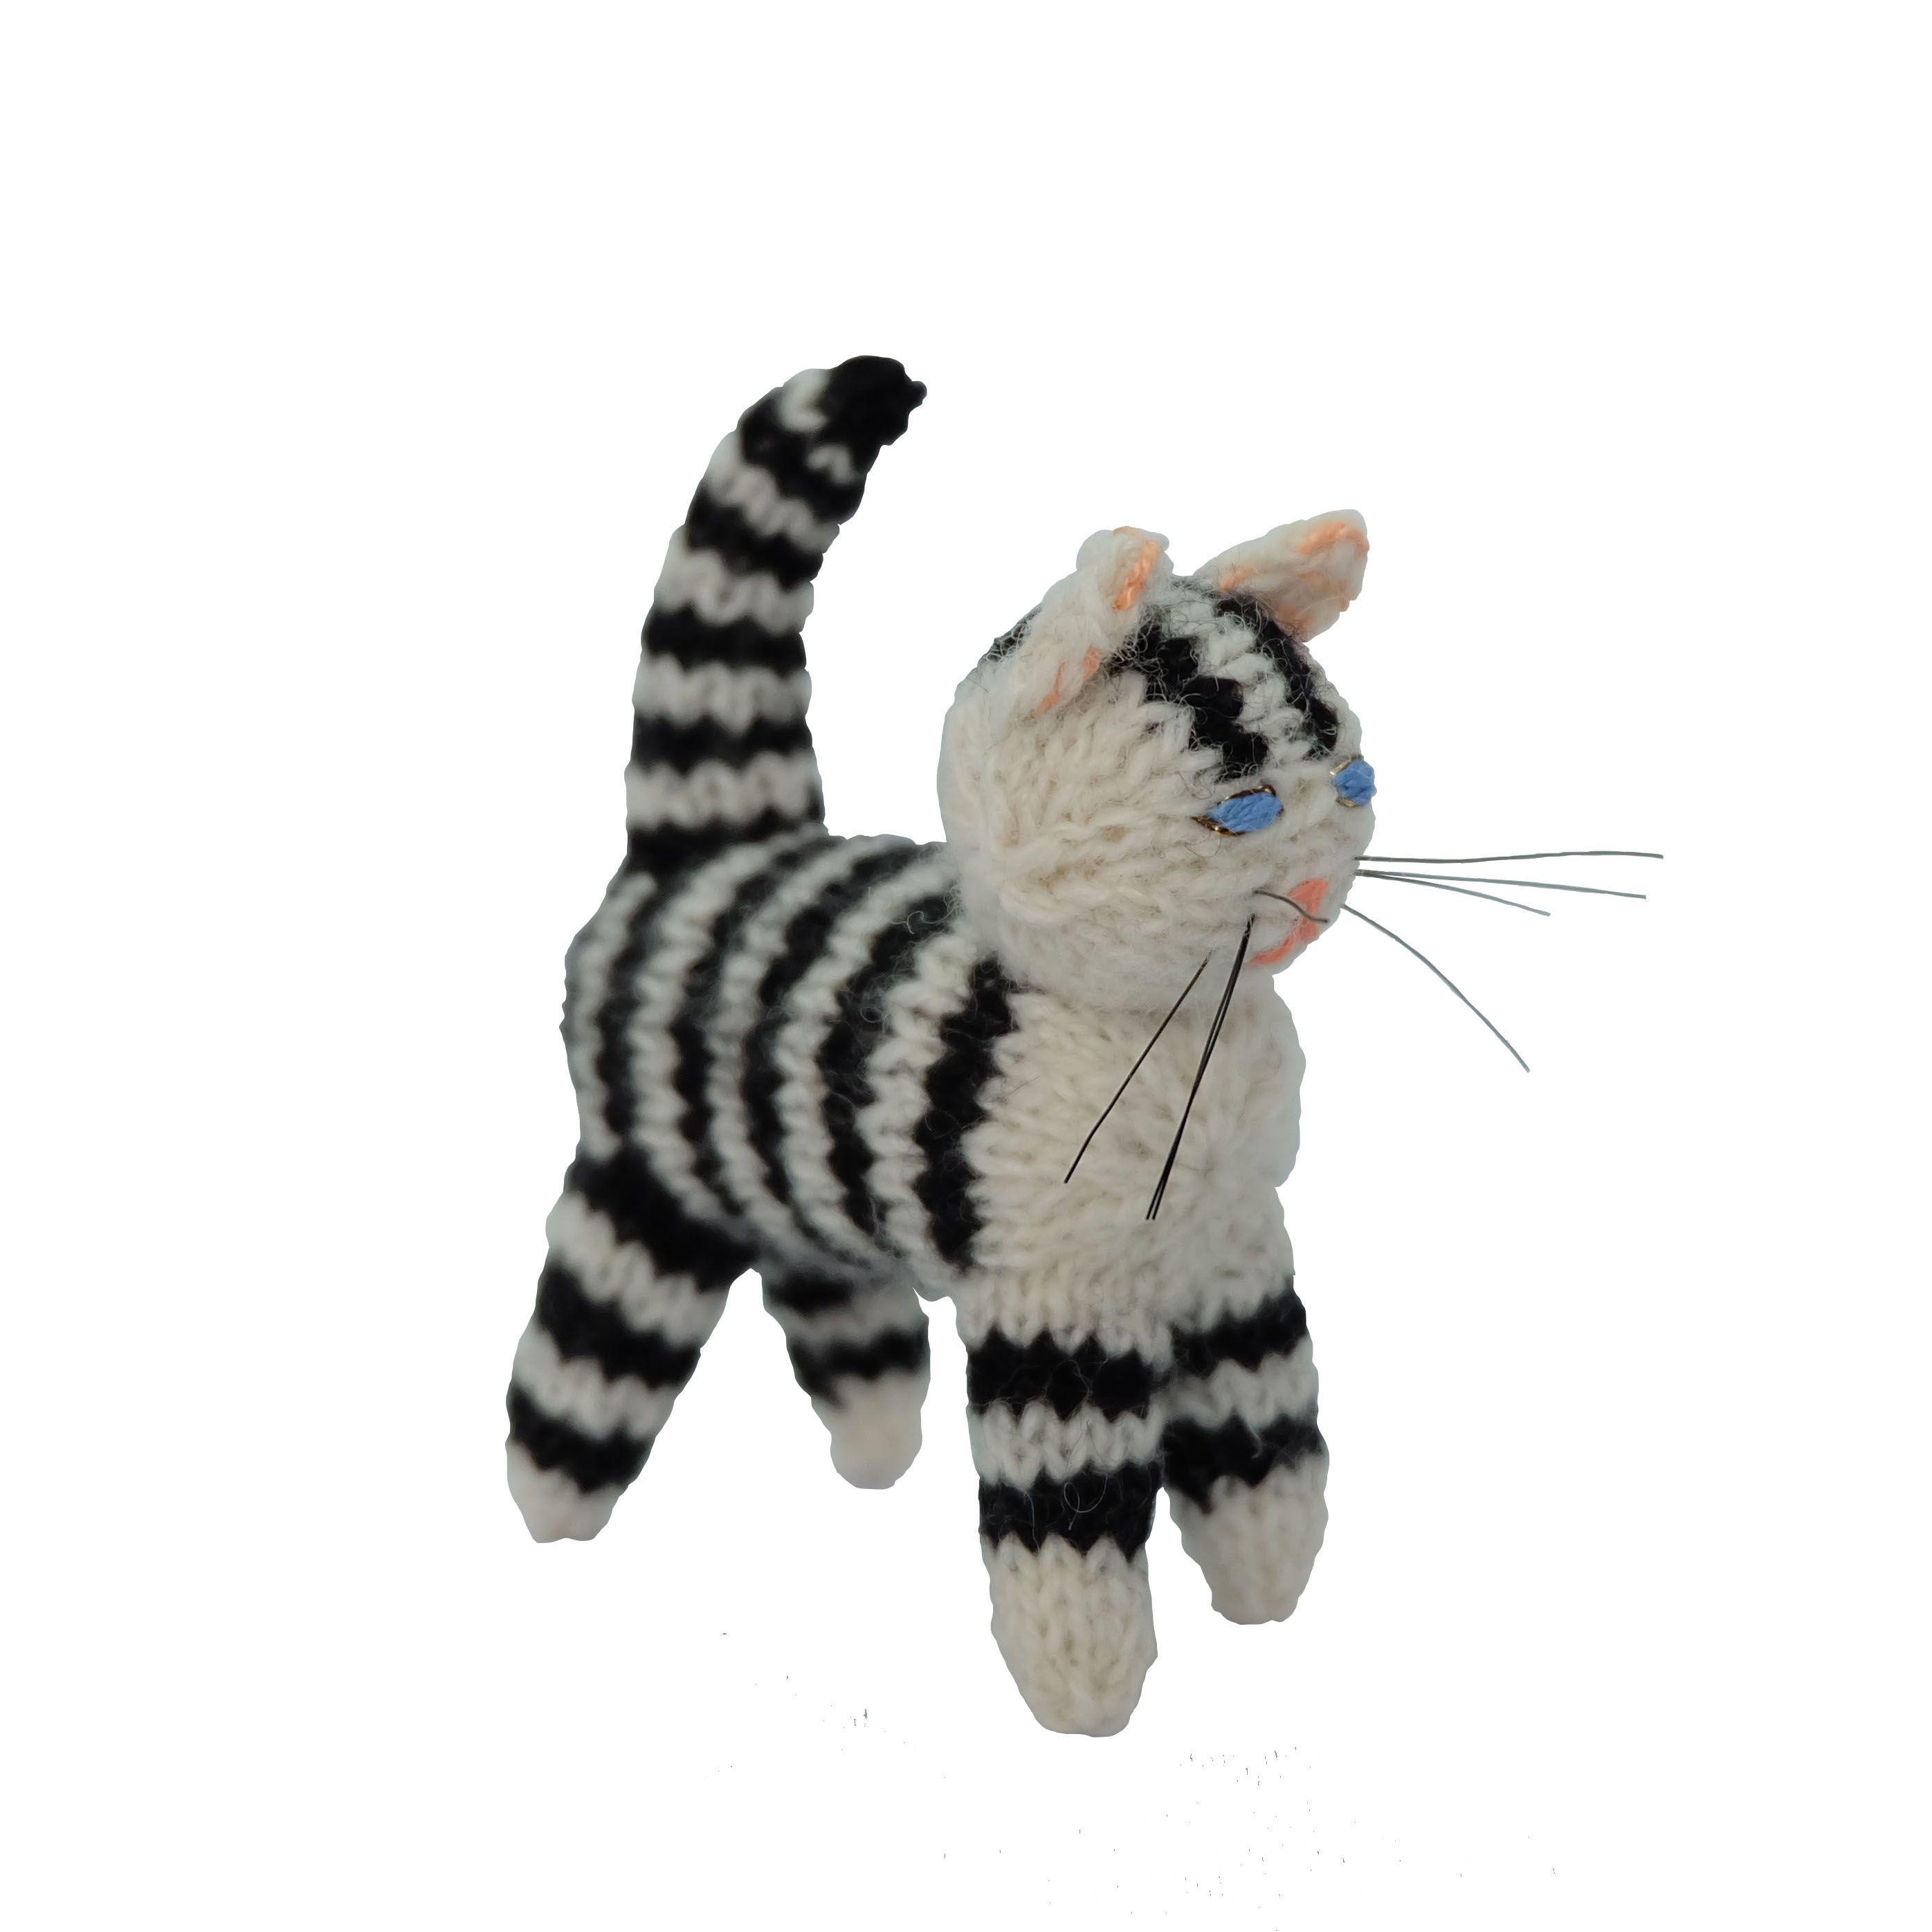 猫のあみぐるみ1 | ihanaa−北欧とバルト三国の毛糸と 雑貨のセレクトショップ